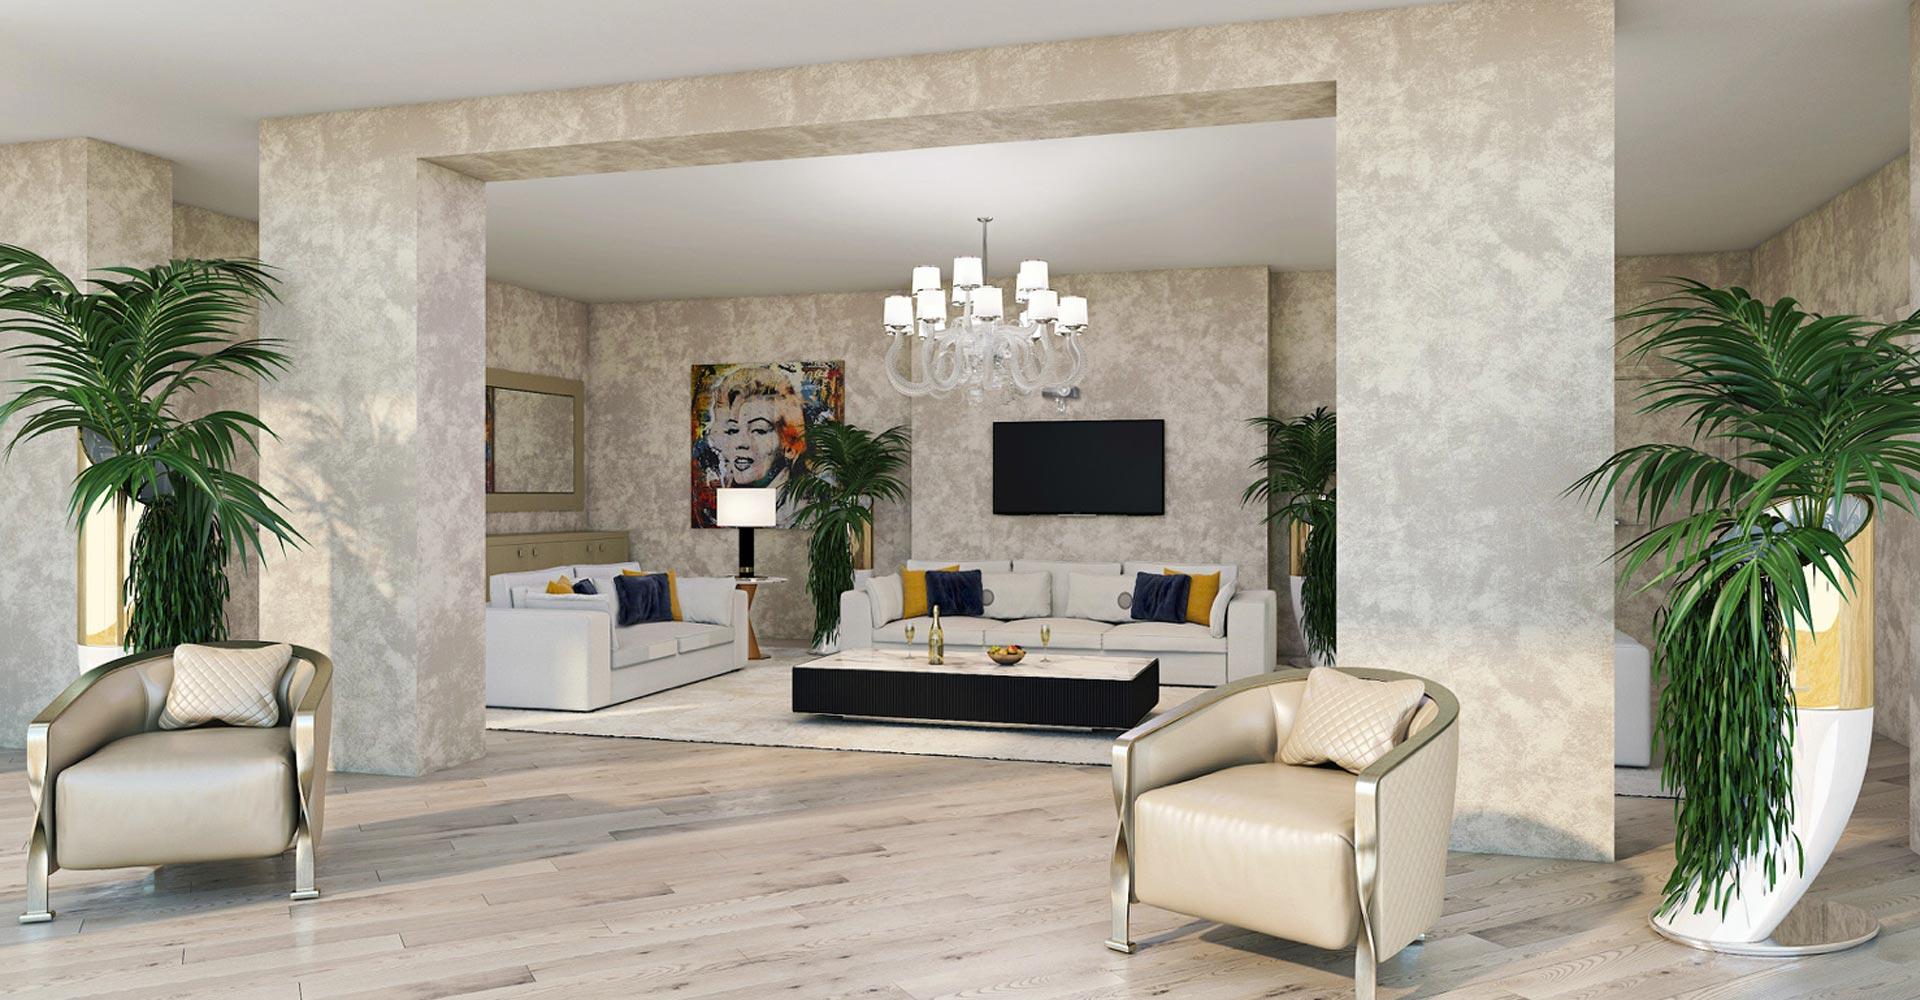 Luxury House Design – INTERIOR DESIGN & DECORATION